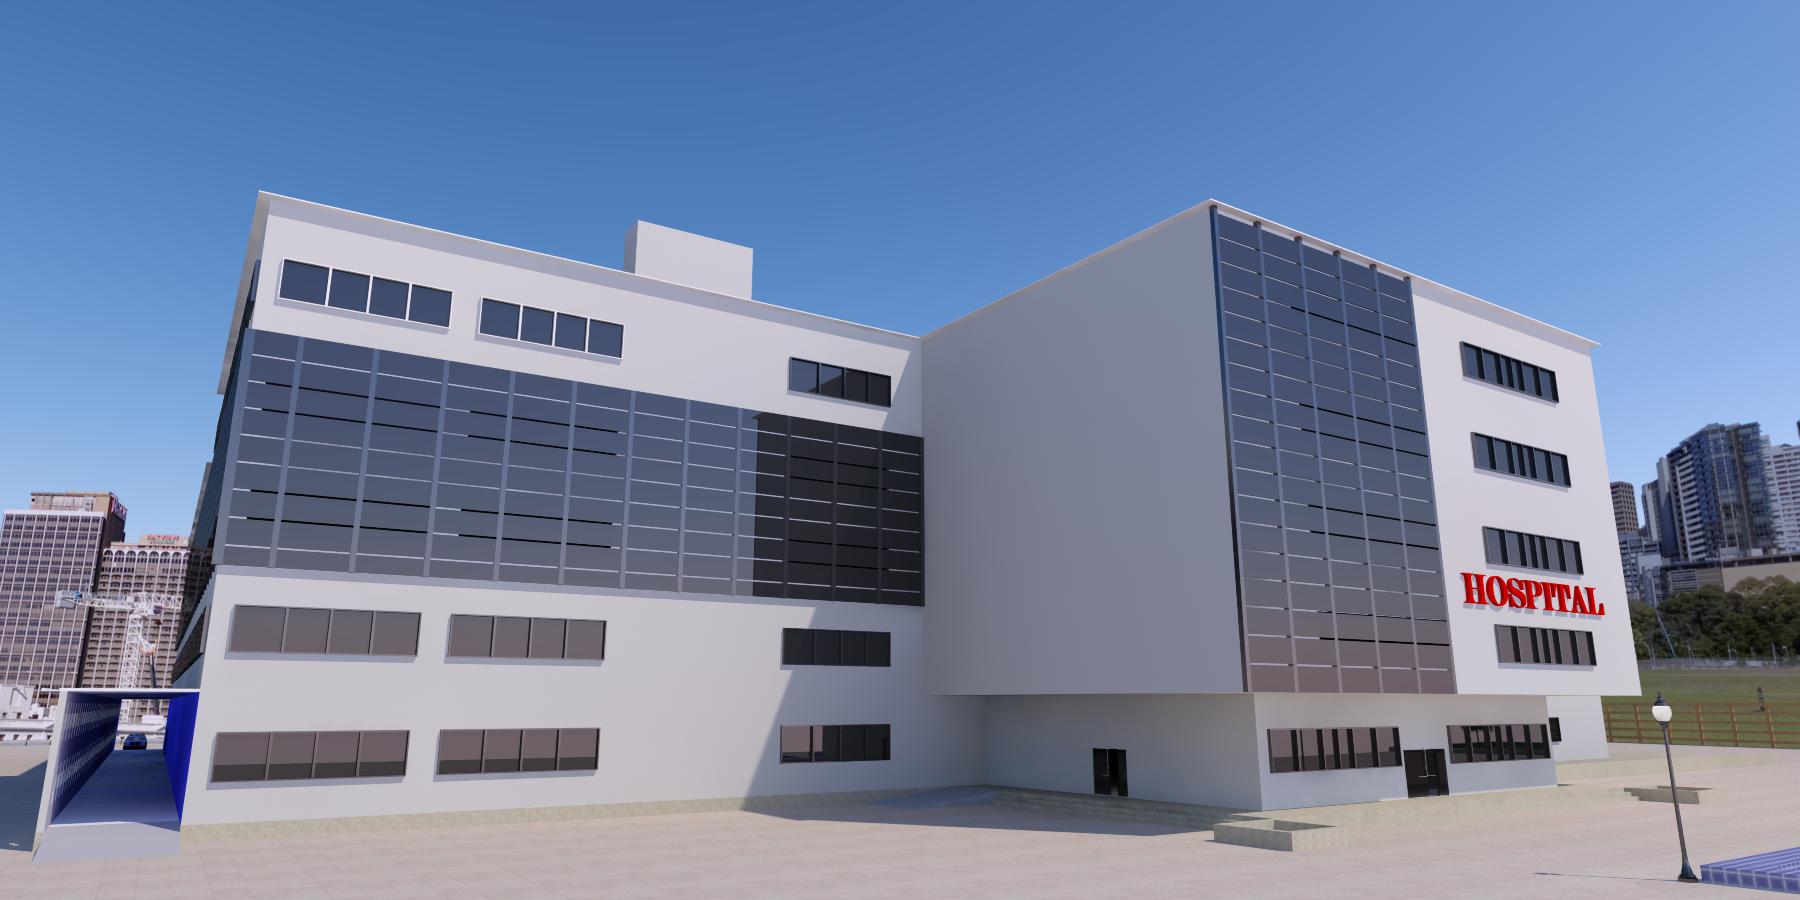 نقشه کامل بیمارستان 4 طبقه با رندر